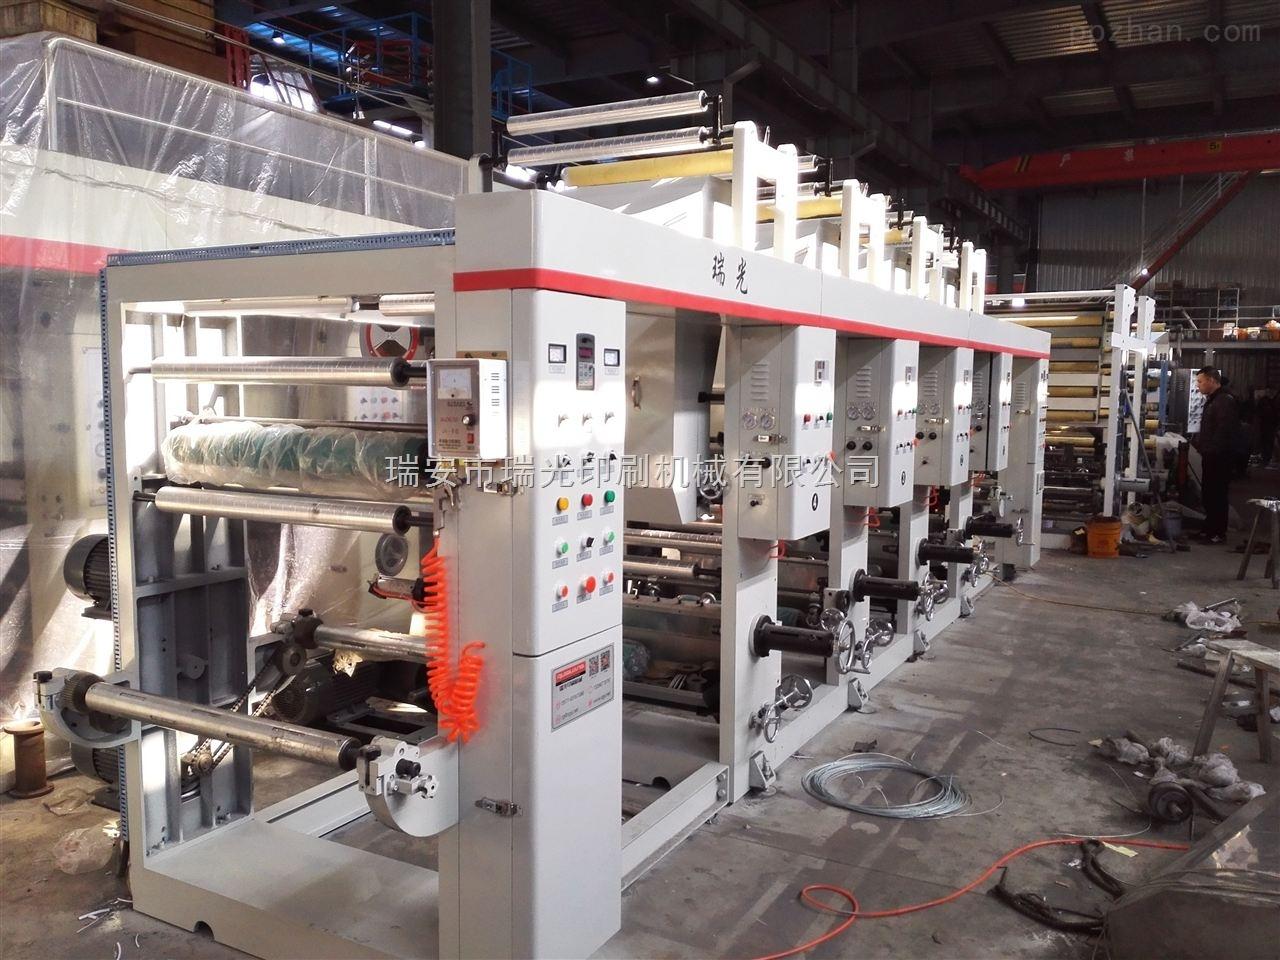 ASY-800型6色-供应卷筒纸印刷机厂家